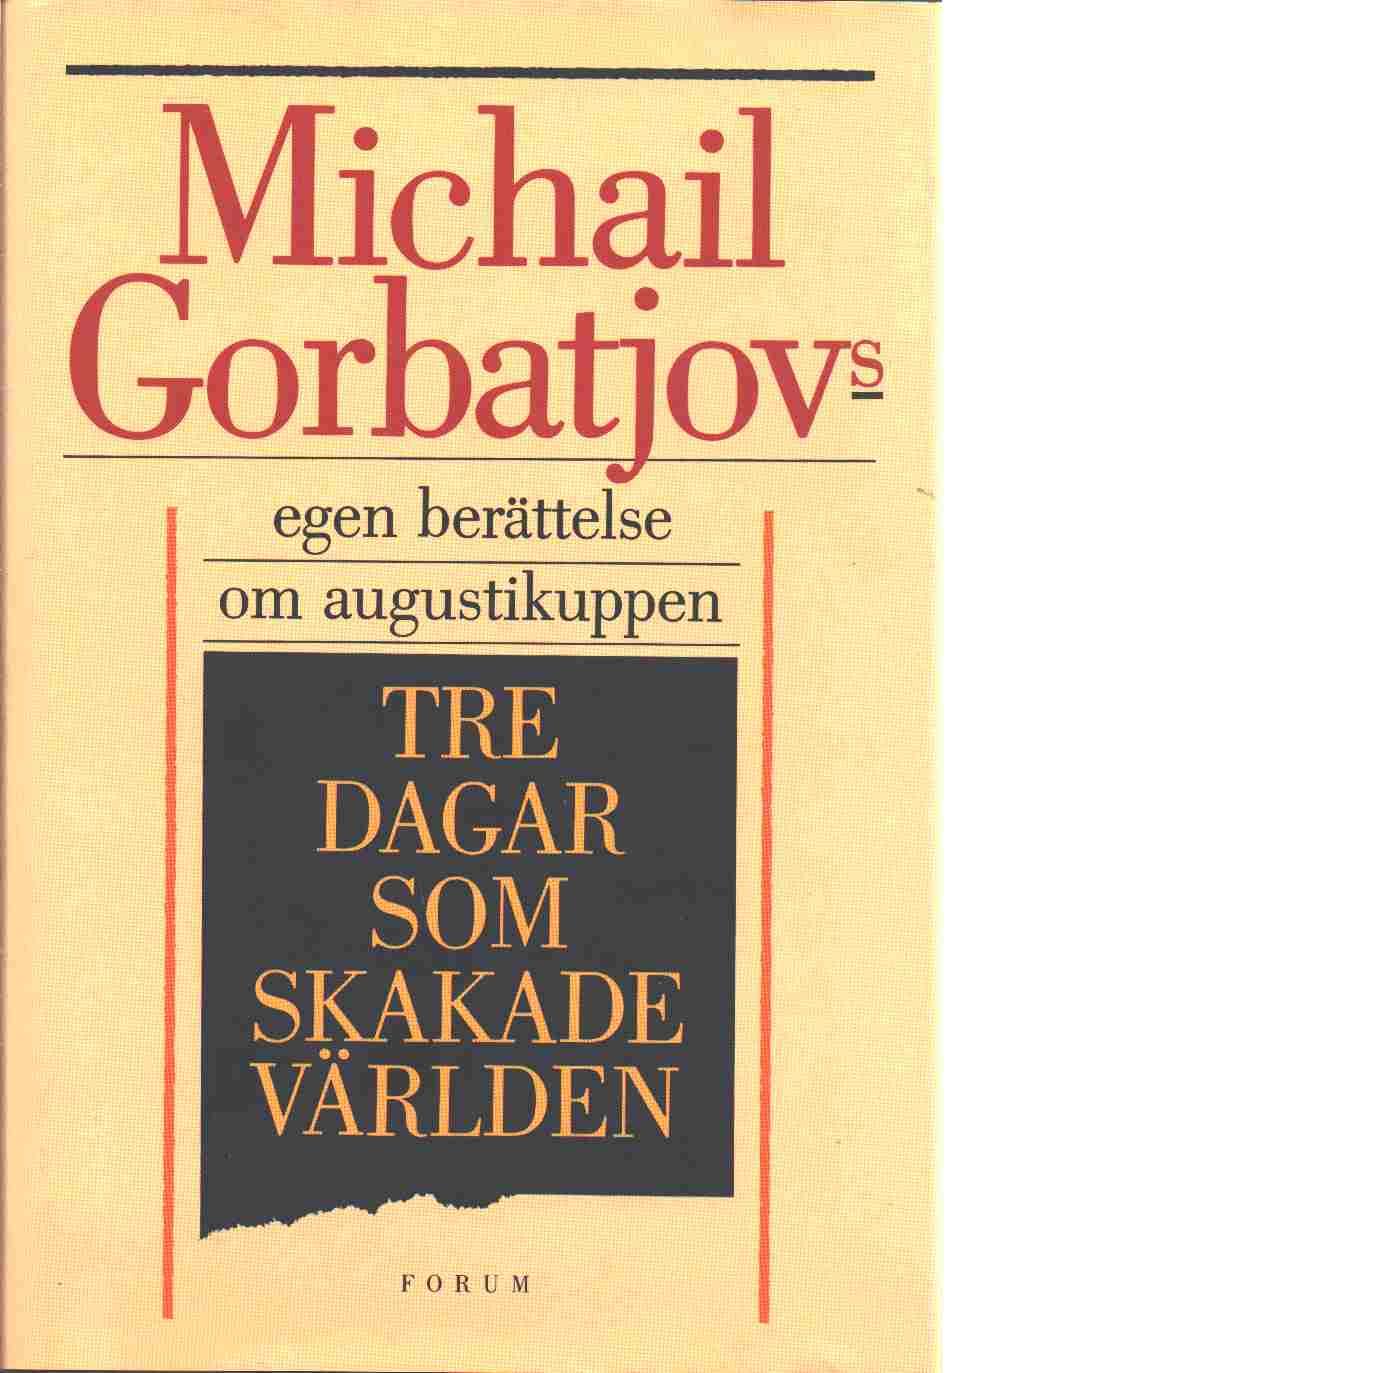 Tre dagar som skakade världen - Gorbačev, Michail Sergeevič,